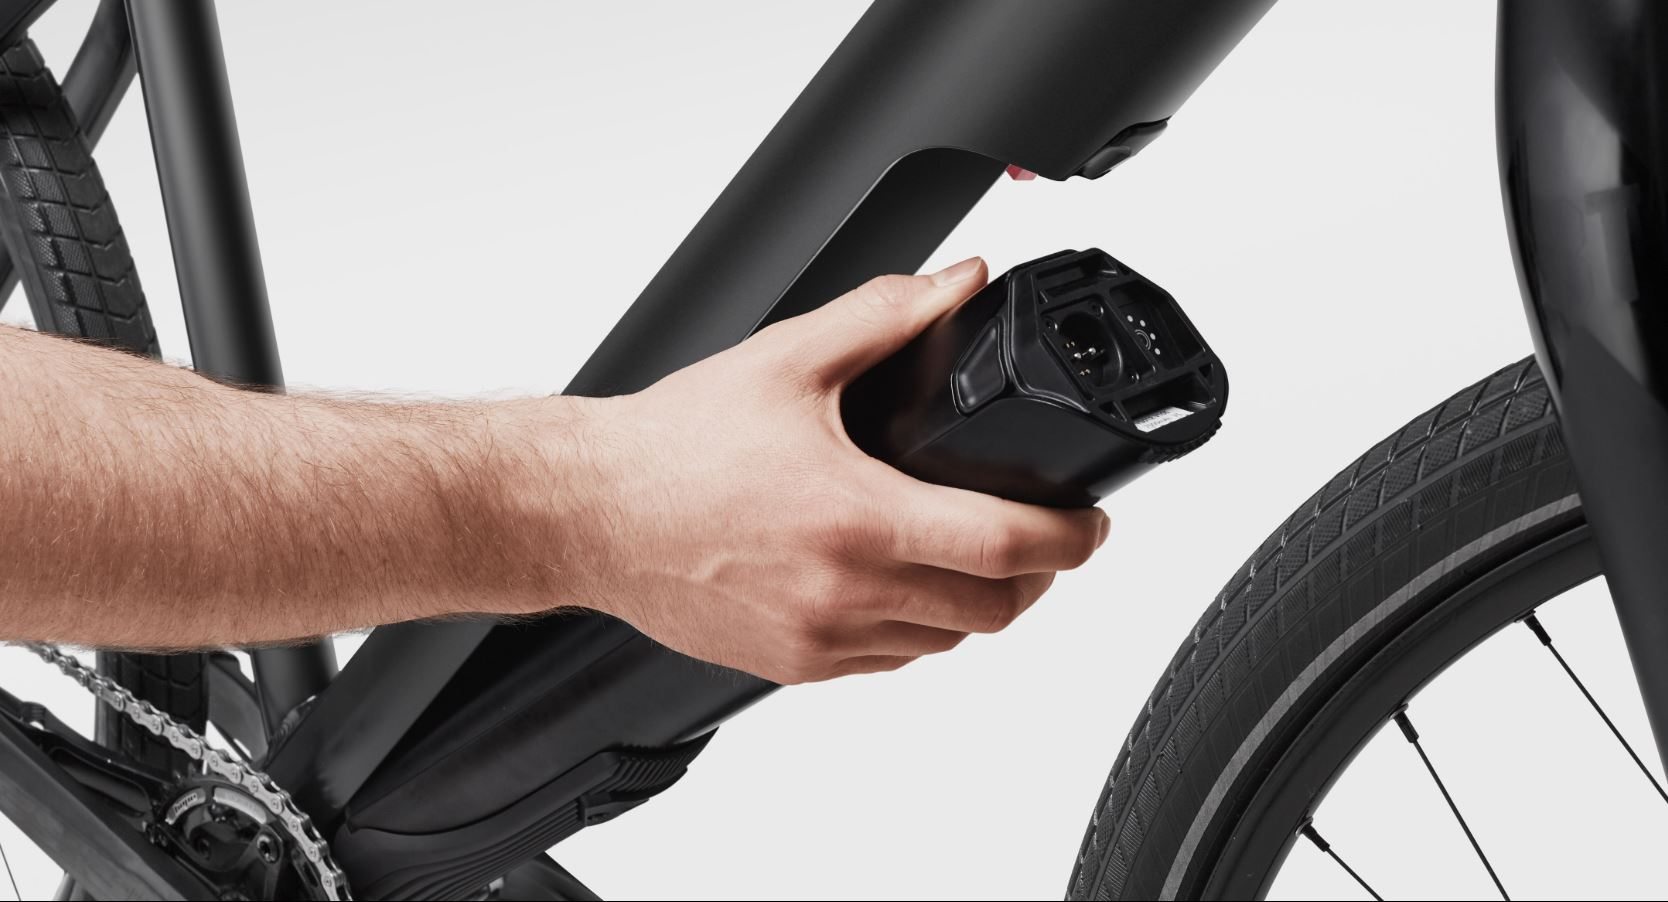 Démontage moteur Fazua sur un vélo de course électrique